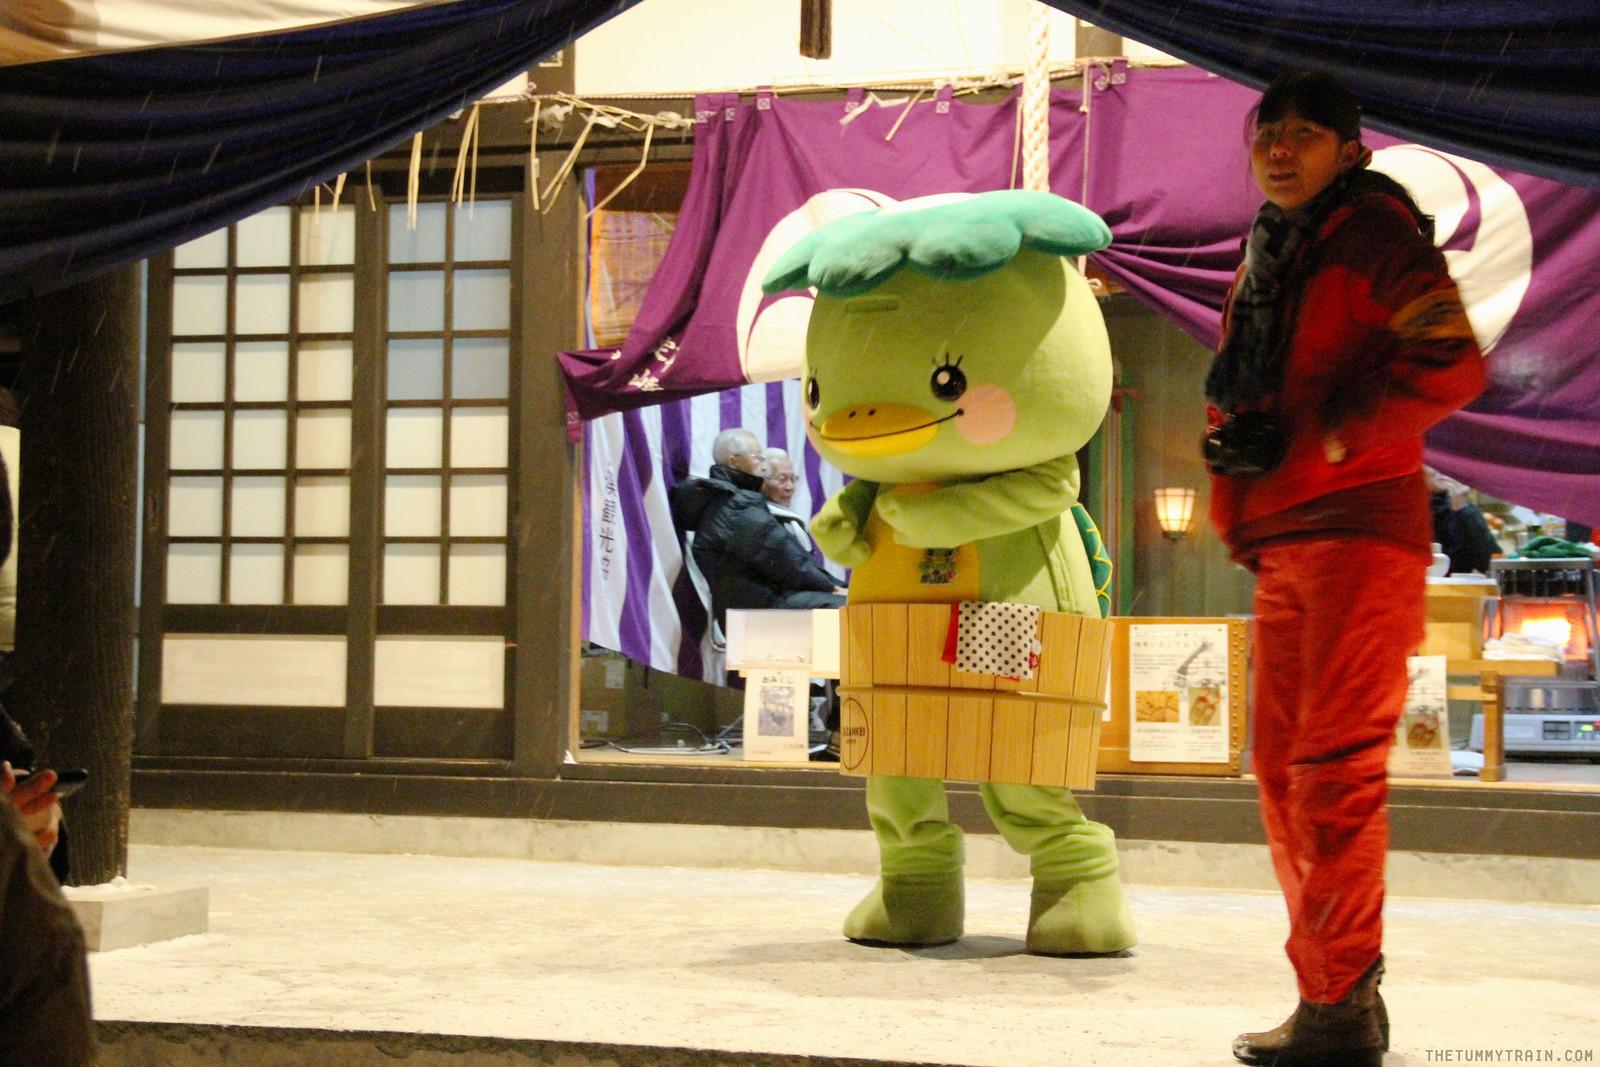 32792266641 4cb19ec671 h - Sapporo Snow And Smile: 8 Unforgettable Winter Experiences in Sapporo City